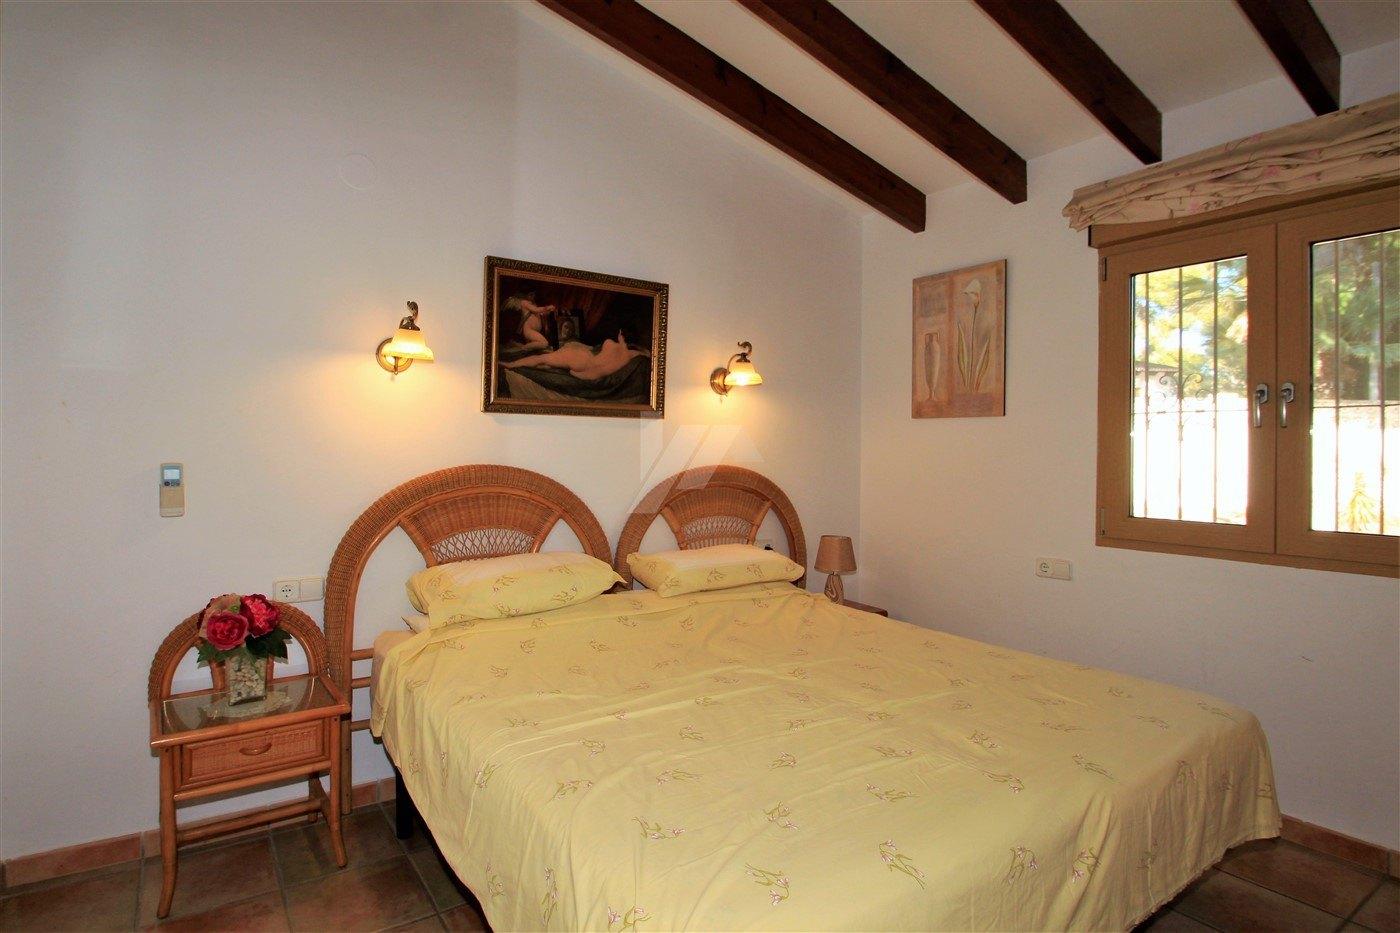 Inmaculada villa en venta en Moraira, Costa Blanca.